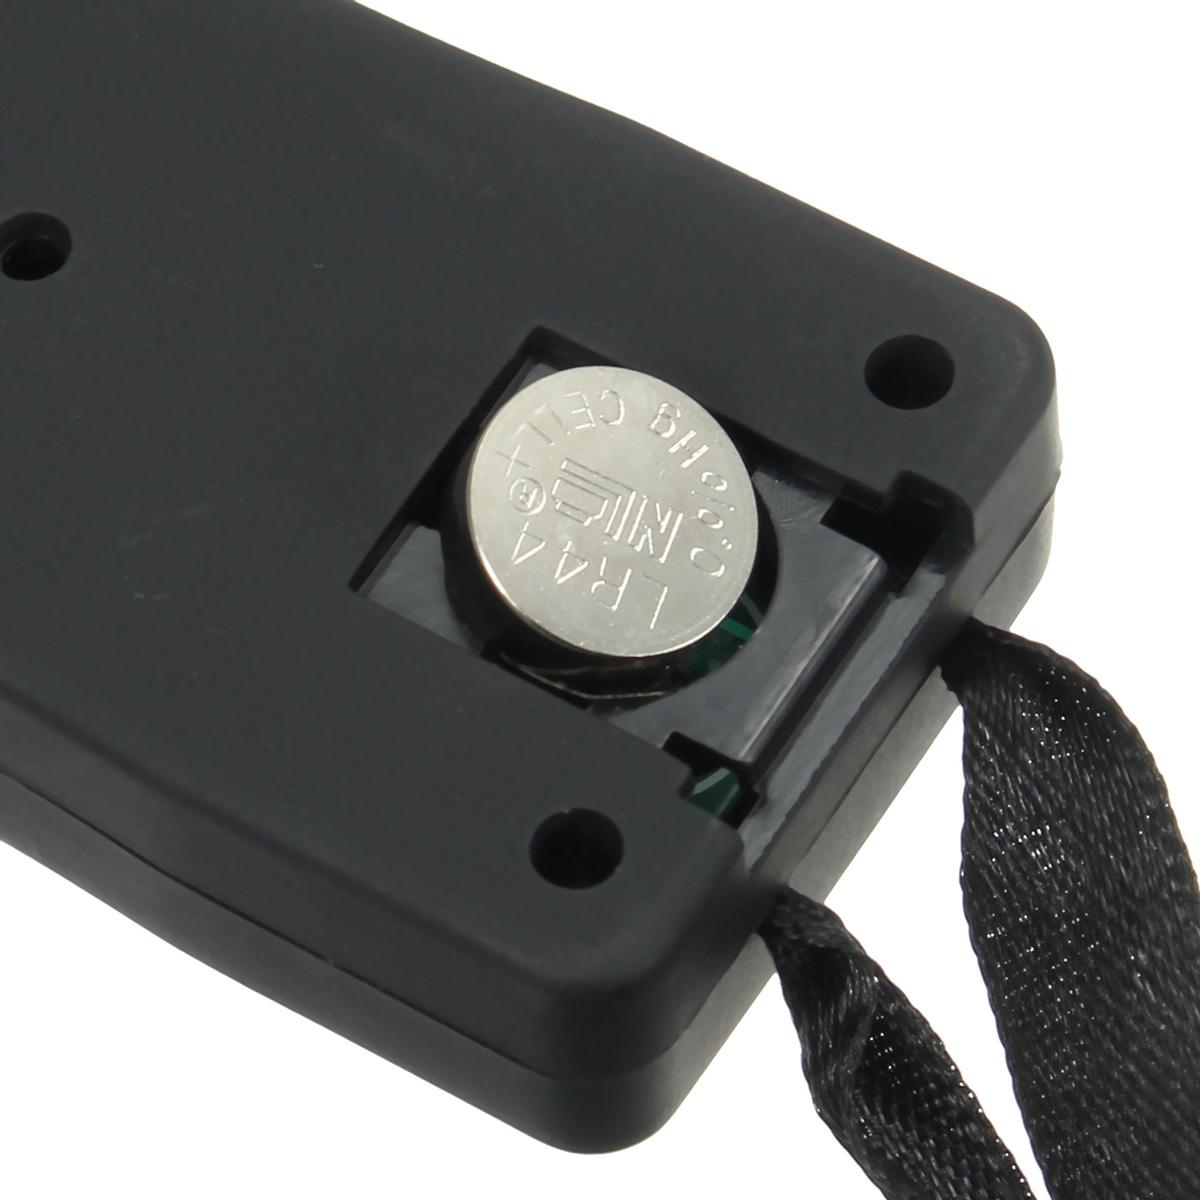 Цифровойэлектронныйдержательдлястрельбыиз латуни для спортивного гольфа - фото 8